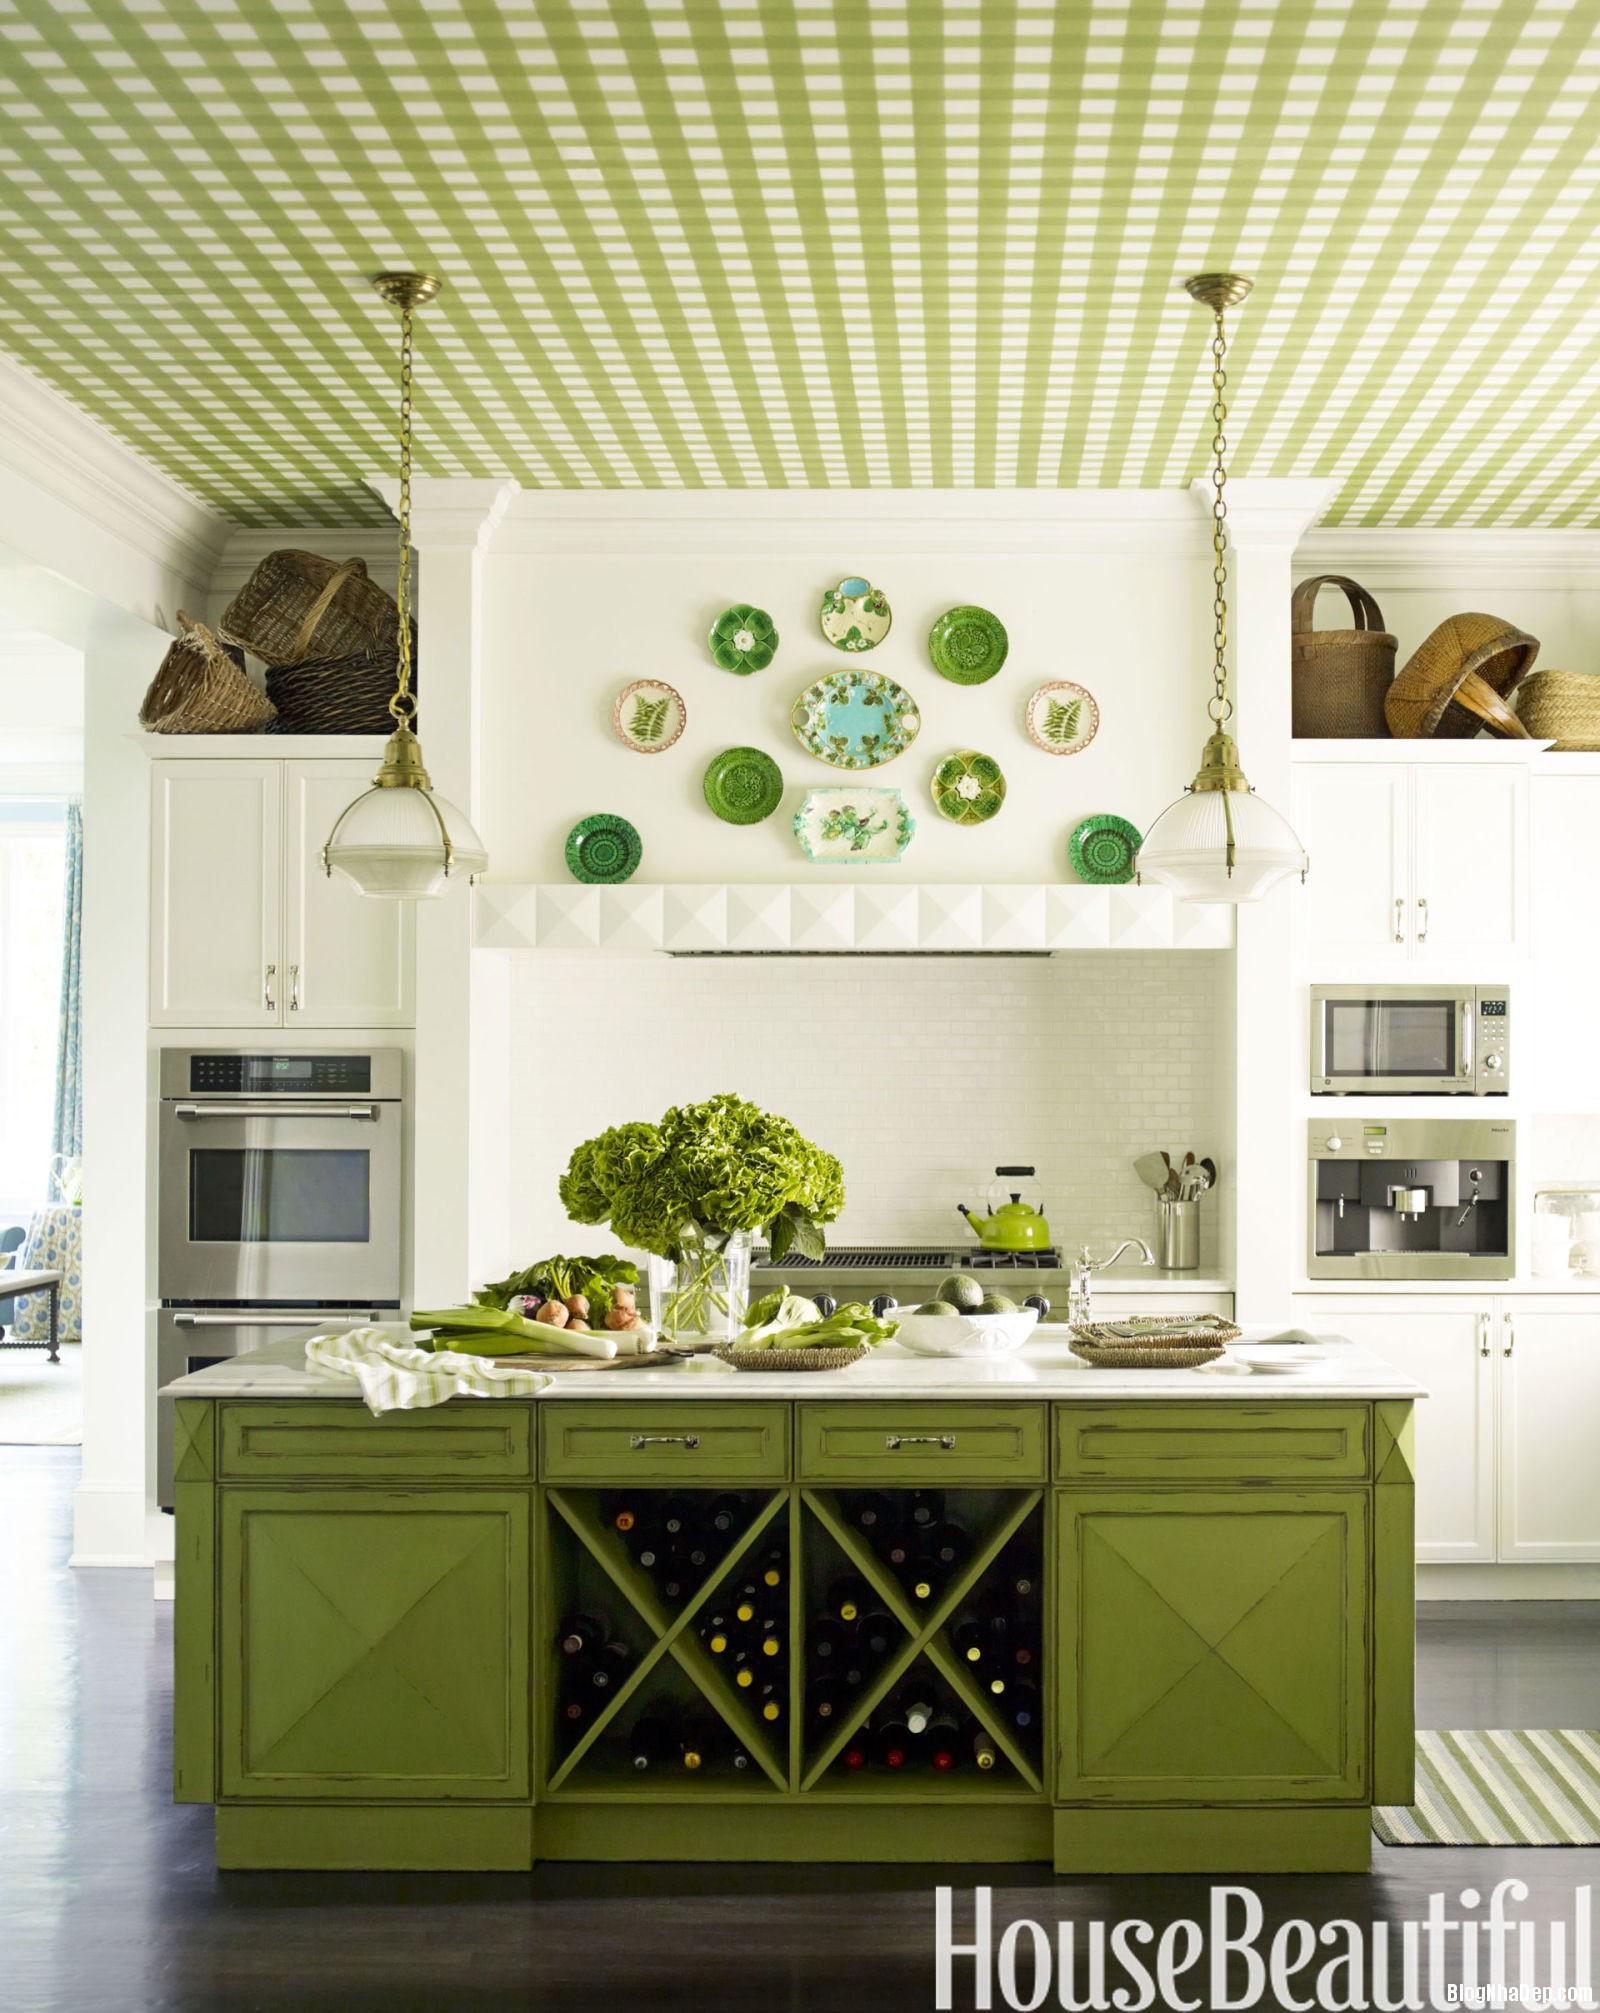 12 gam mau hoan hao cho phong bep 9e819b5b33 Những gam màu cực hot cho phòng bếp